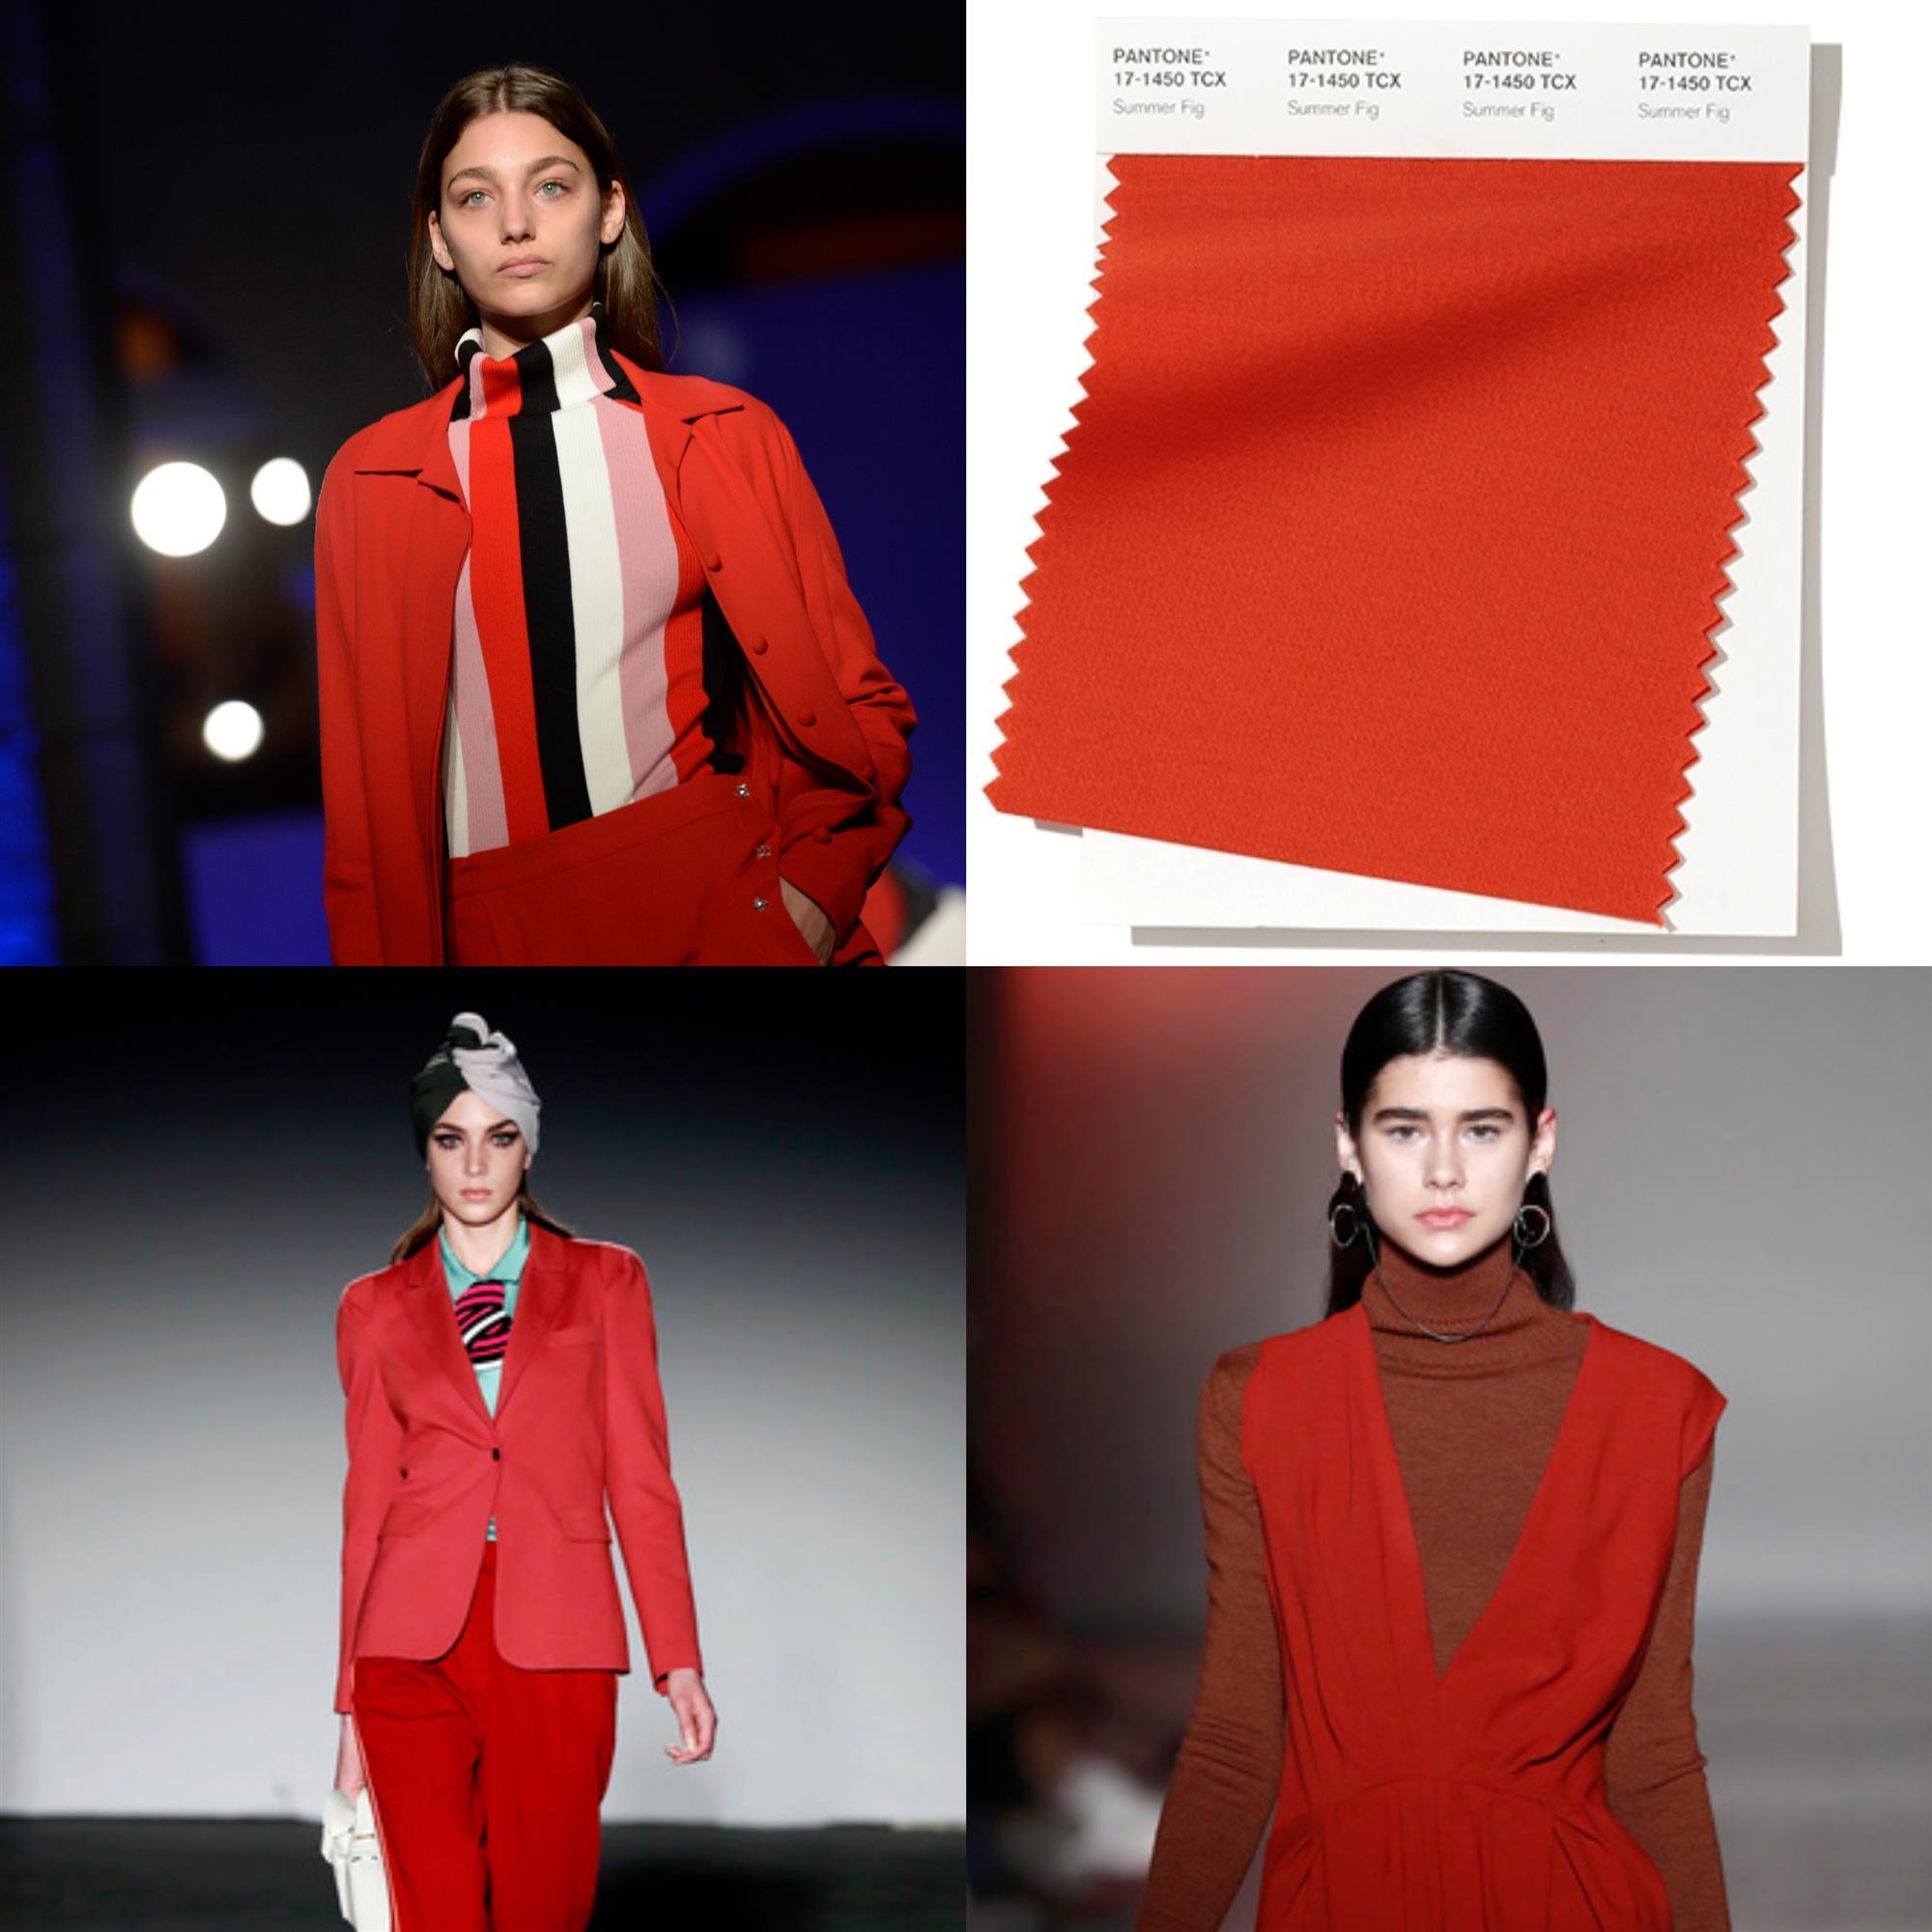 4145a569c Colores de moda otoño-invierno 2019/2020 de Pantone - InStyle